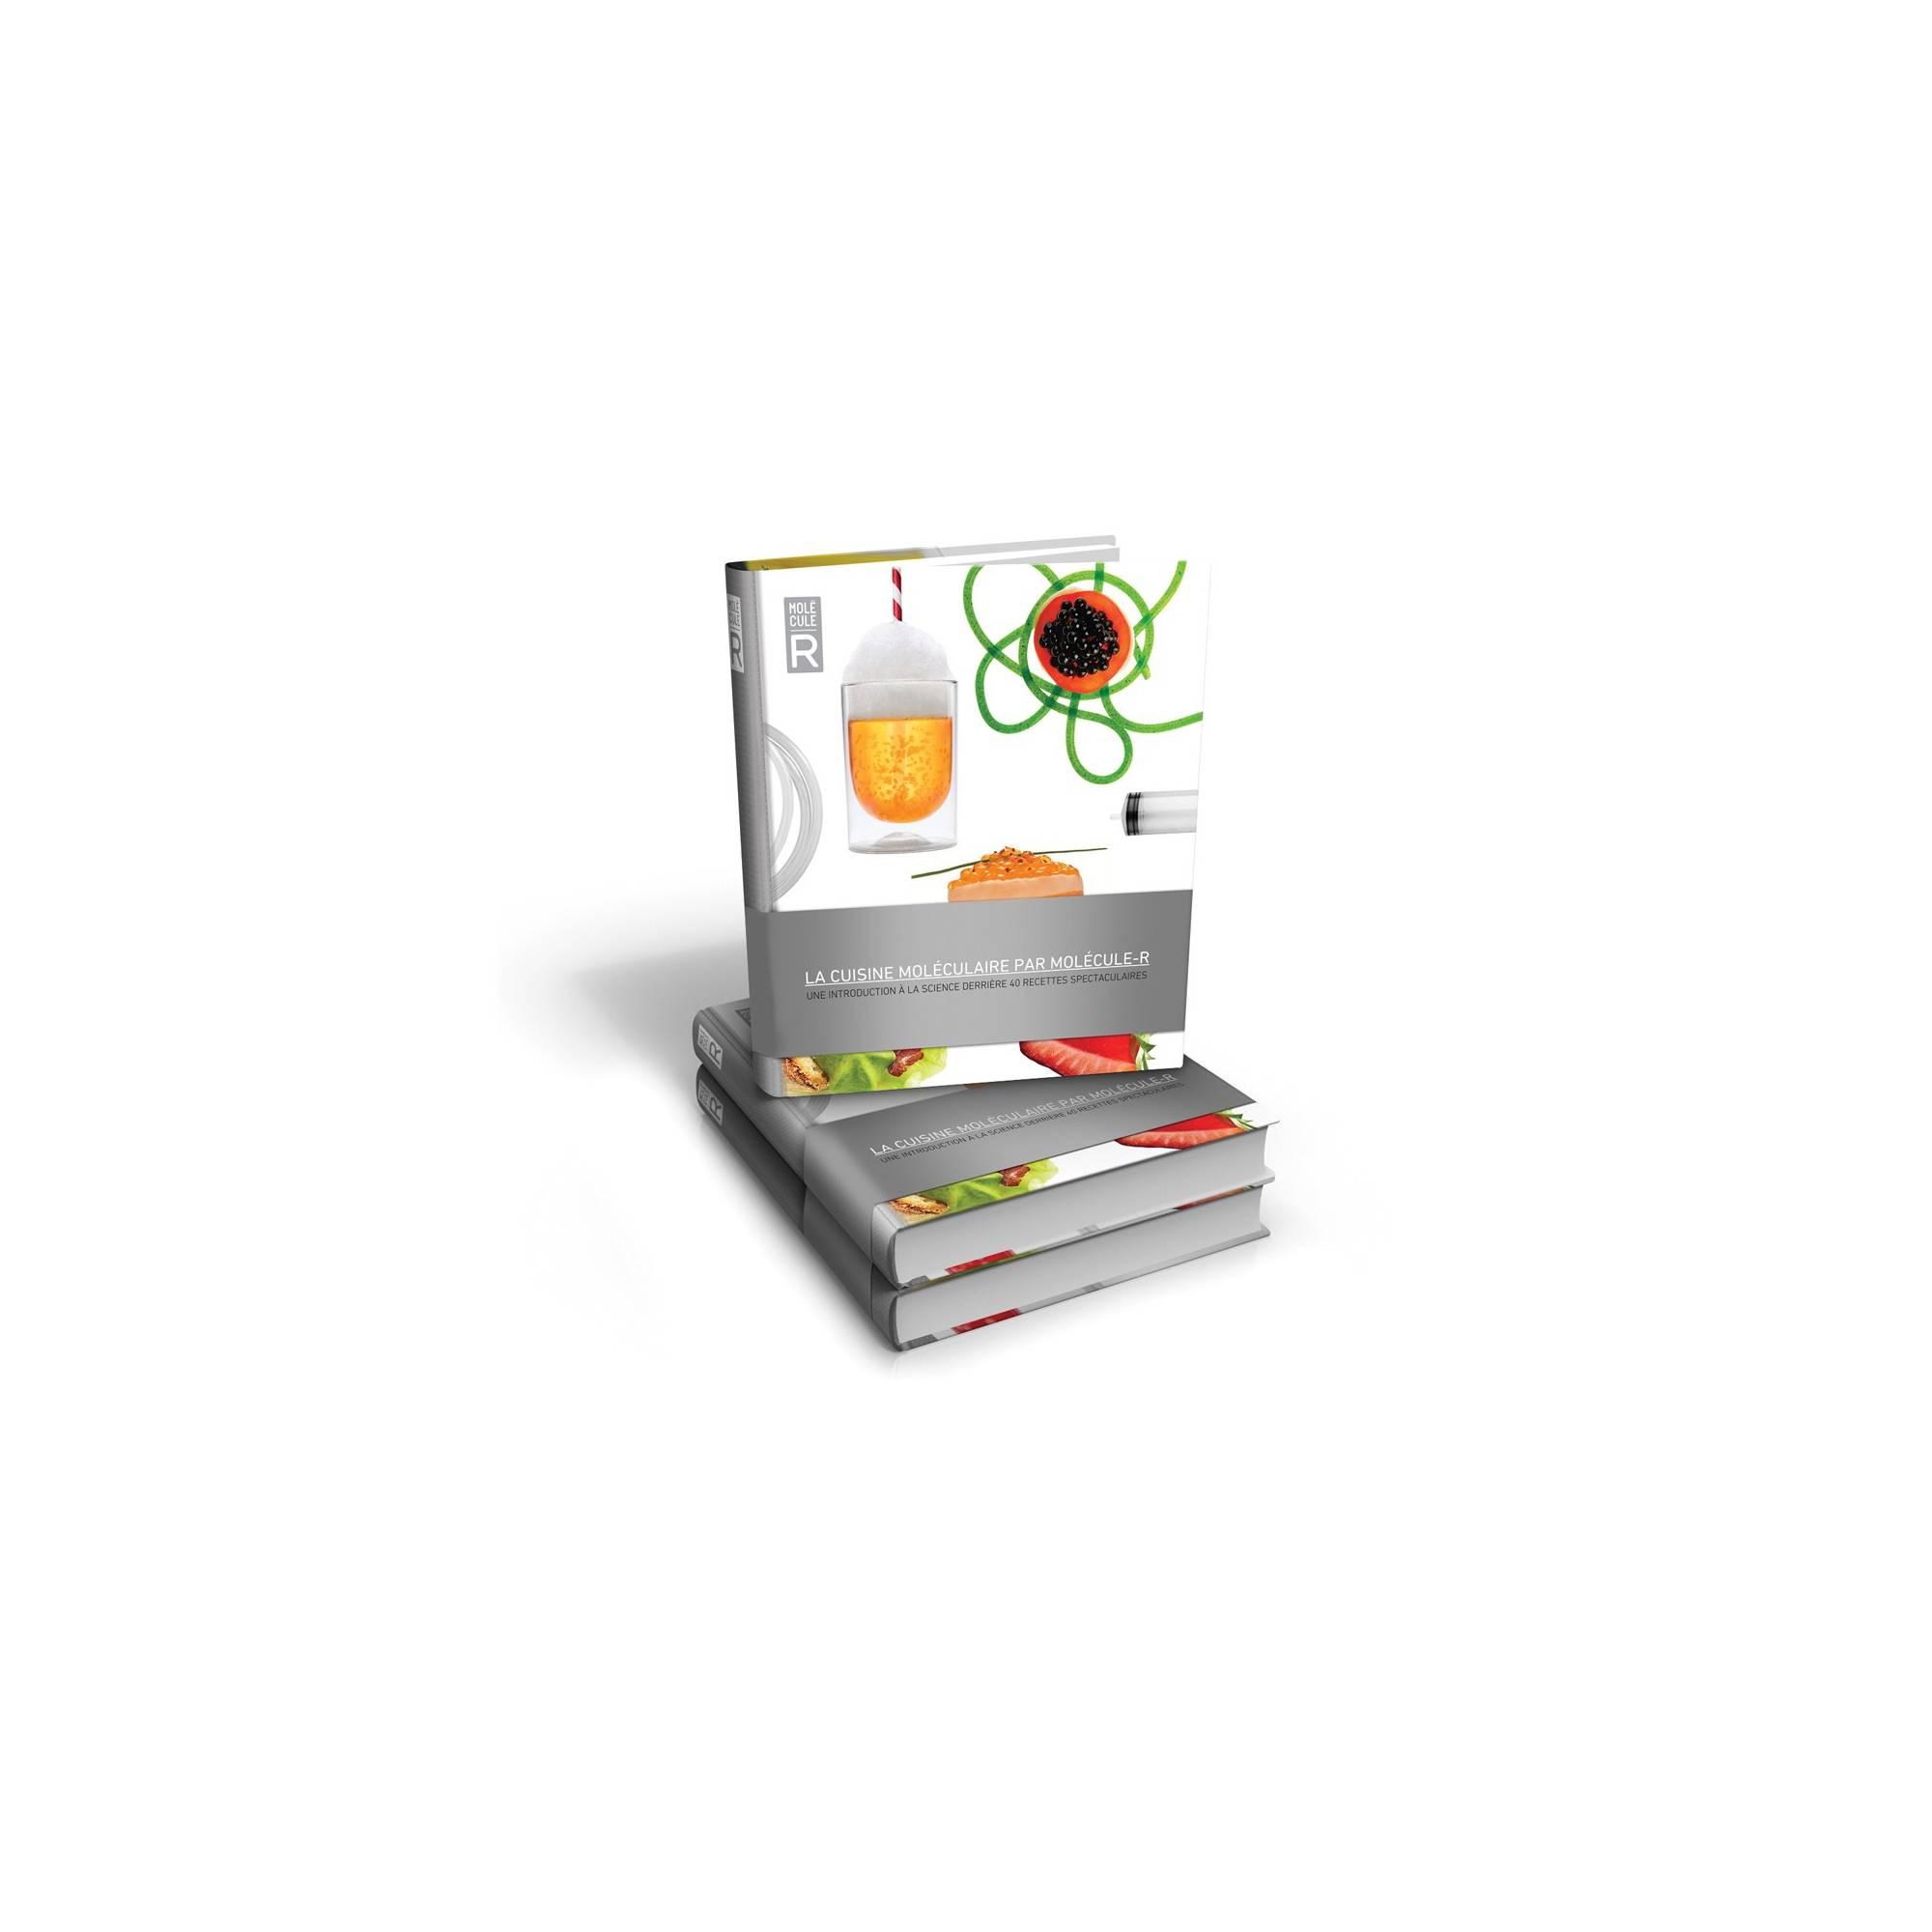 mol cule r livre de recettes pour cuisine mol culaire. Black Bedroom Furniture Sets. Home Design Ideas